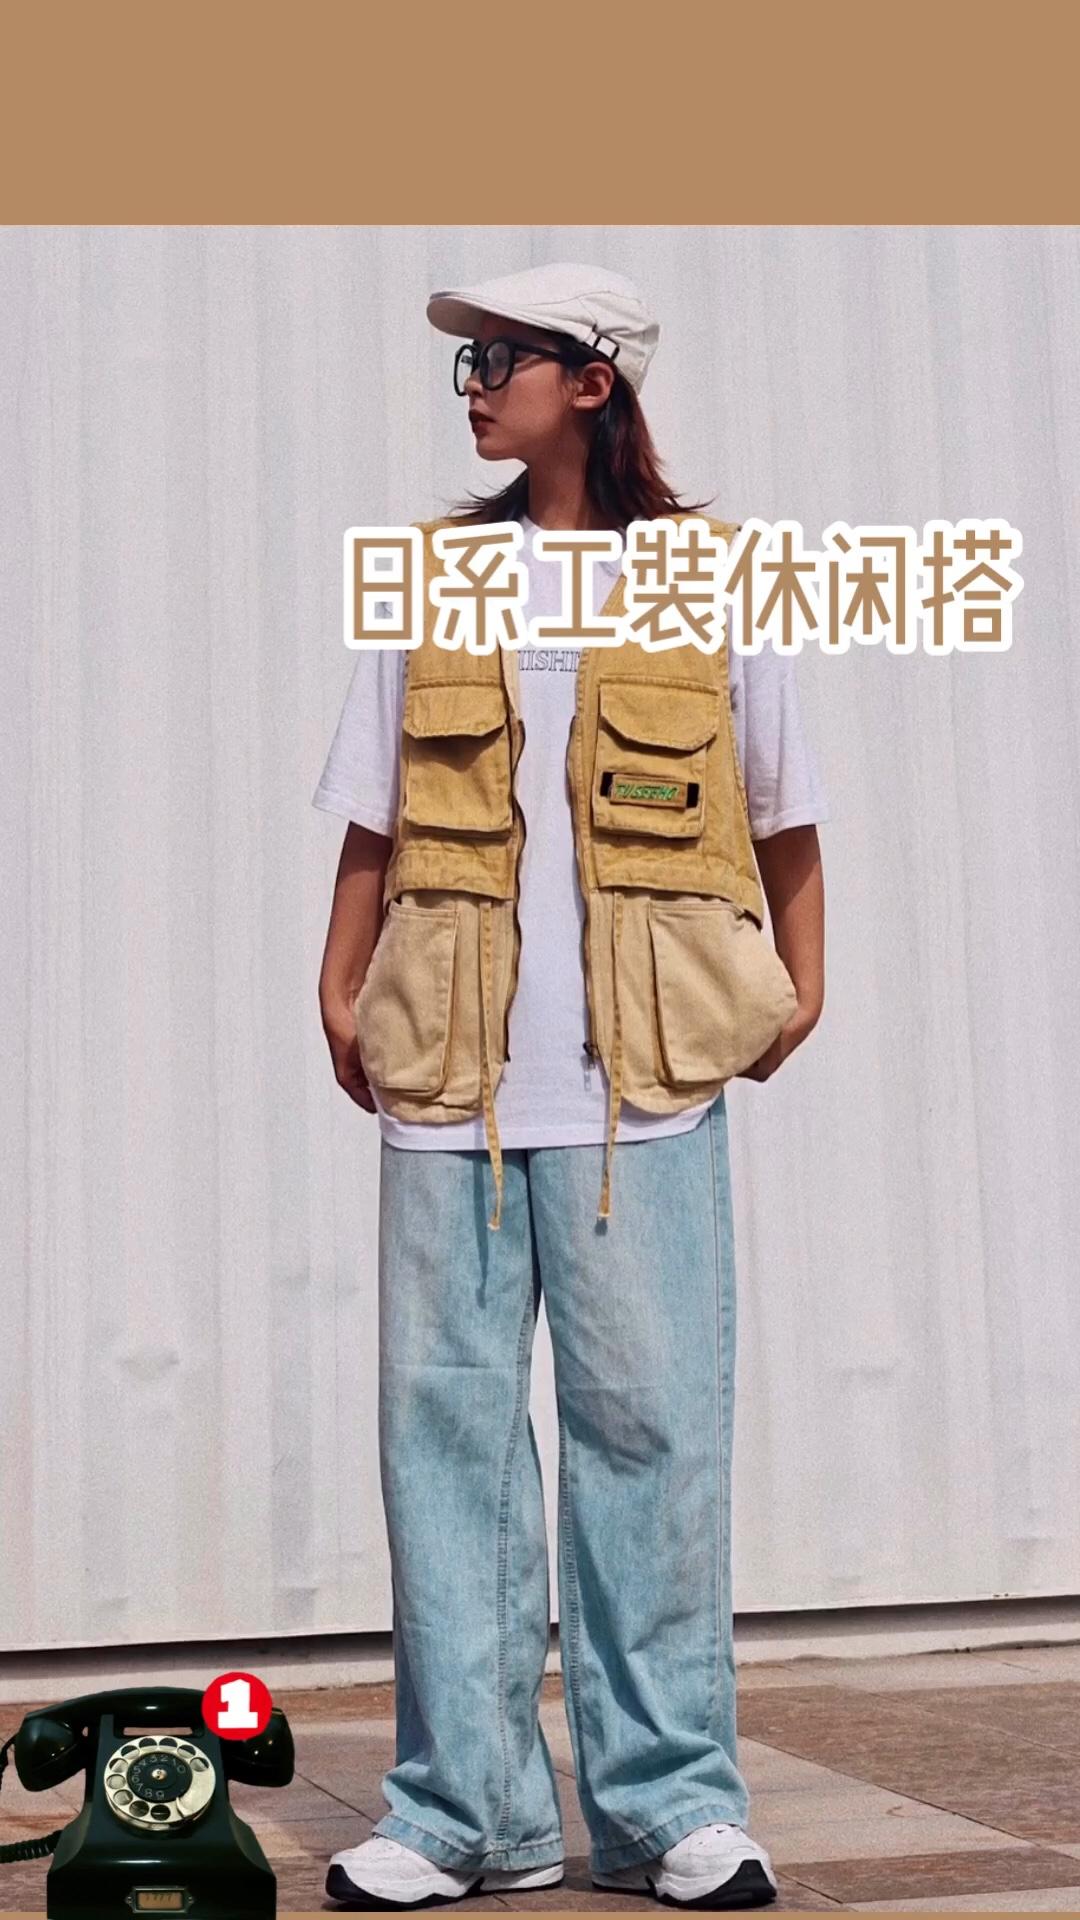 #今年第一套秋装安排上了!# 工装girl的日常搭配来啦 t恤配马甲 工装搭配的经典穿法